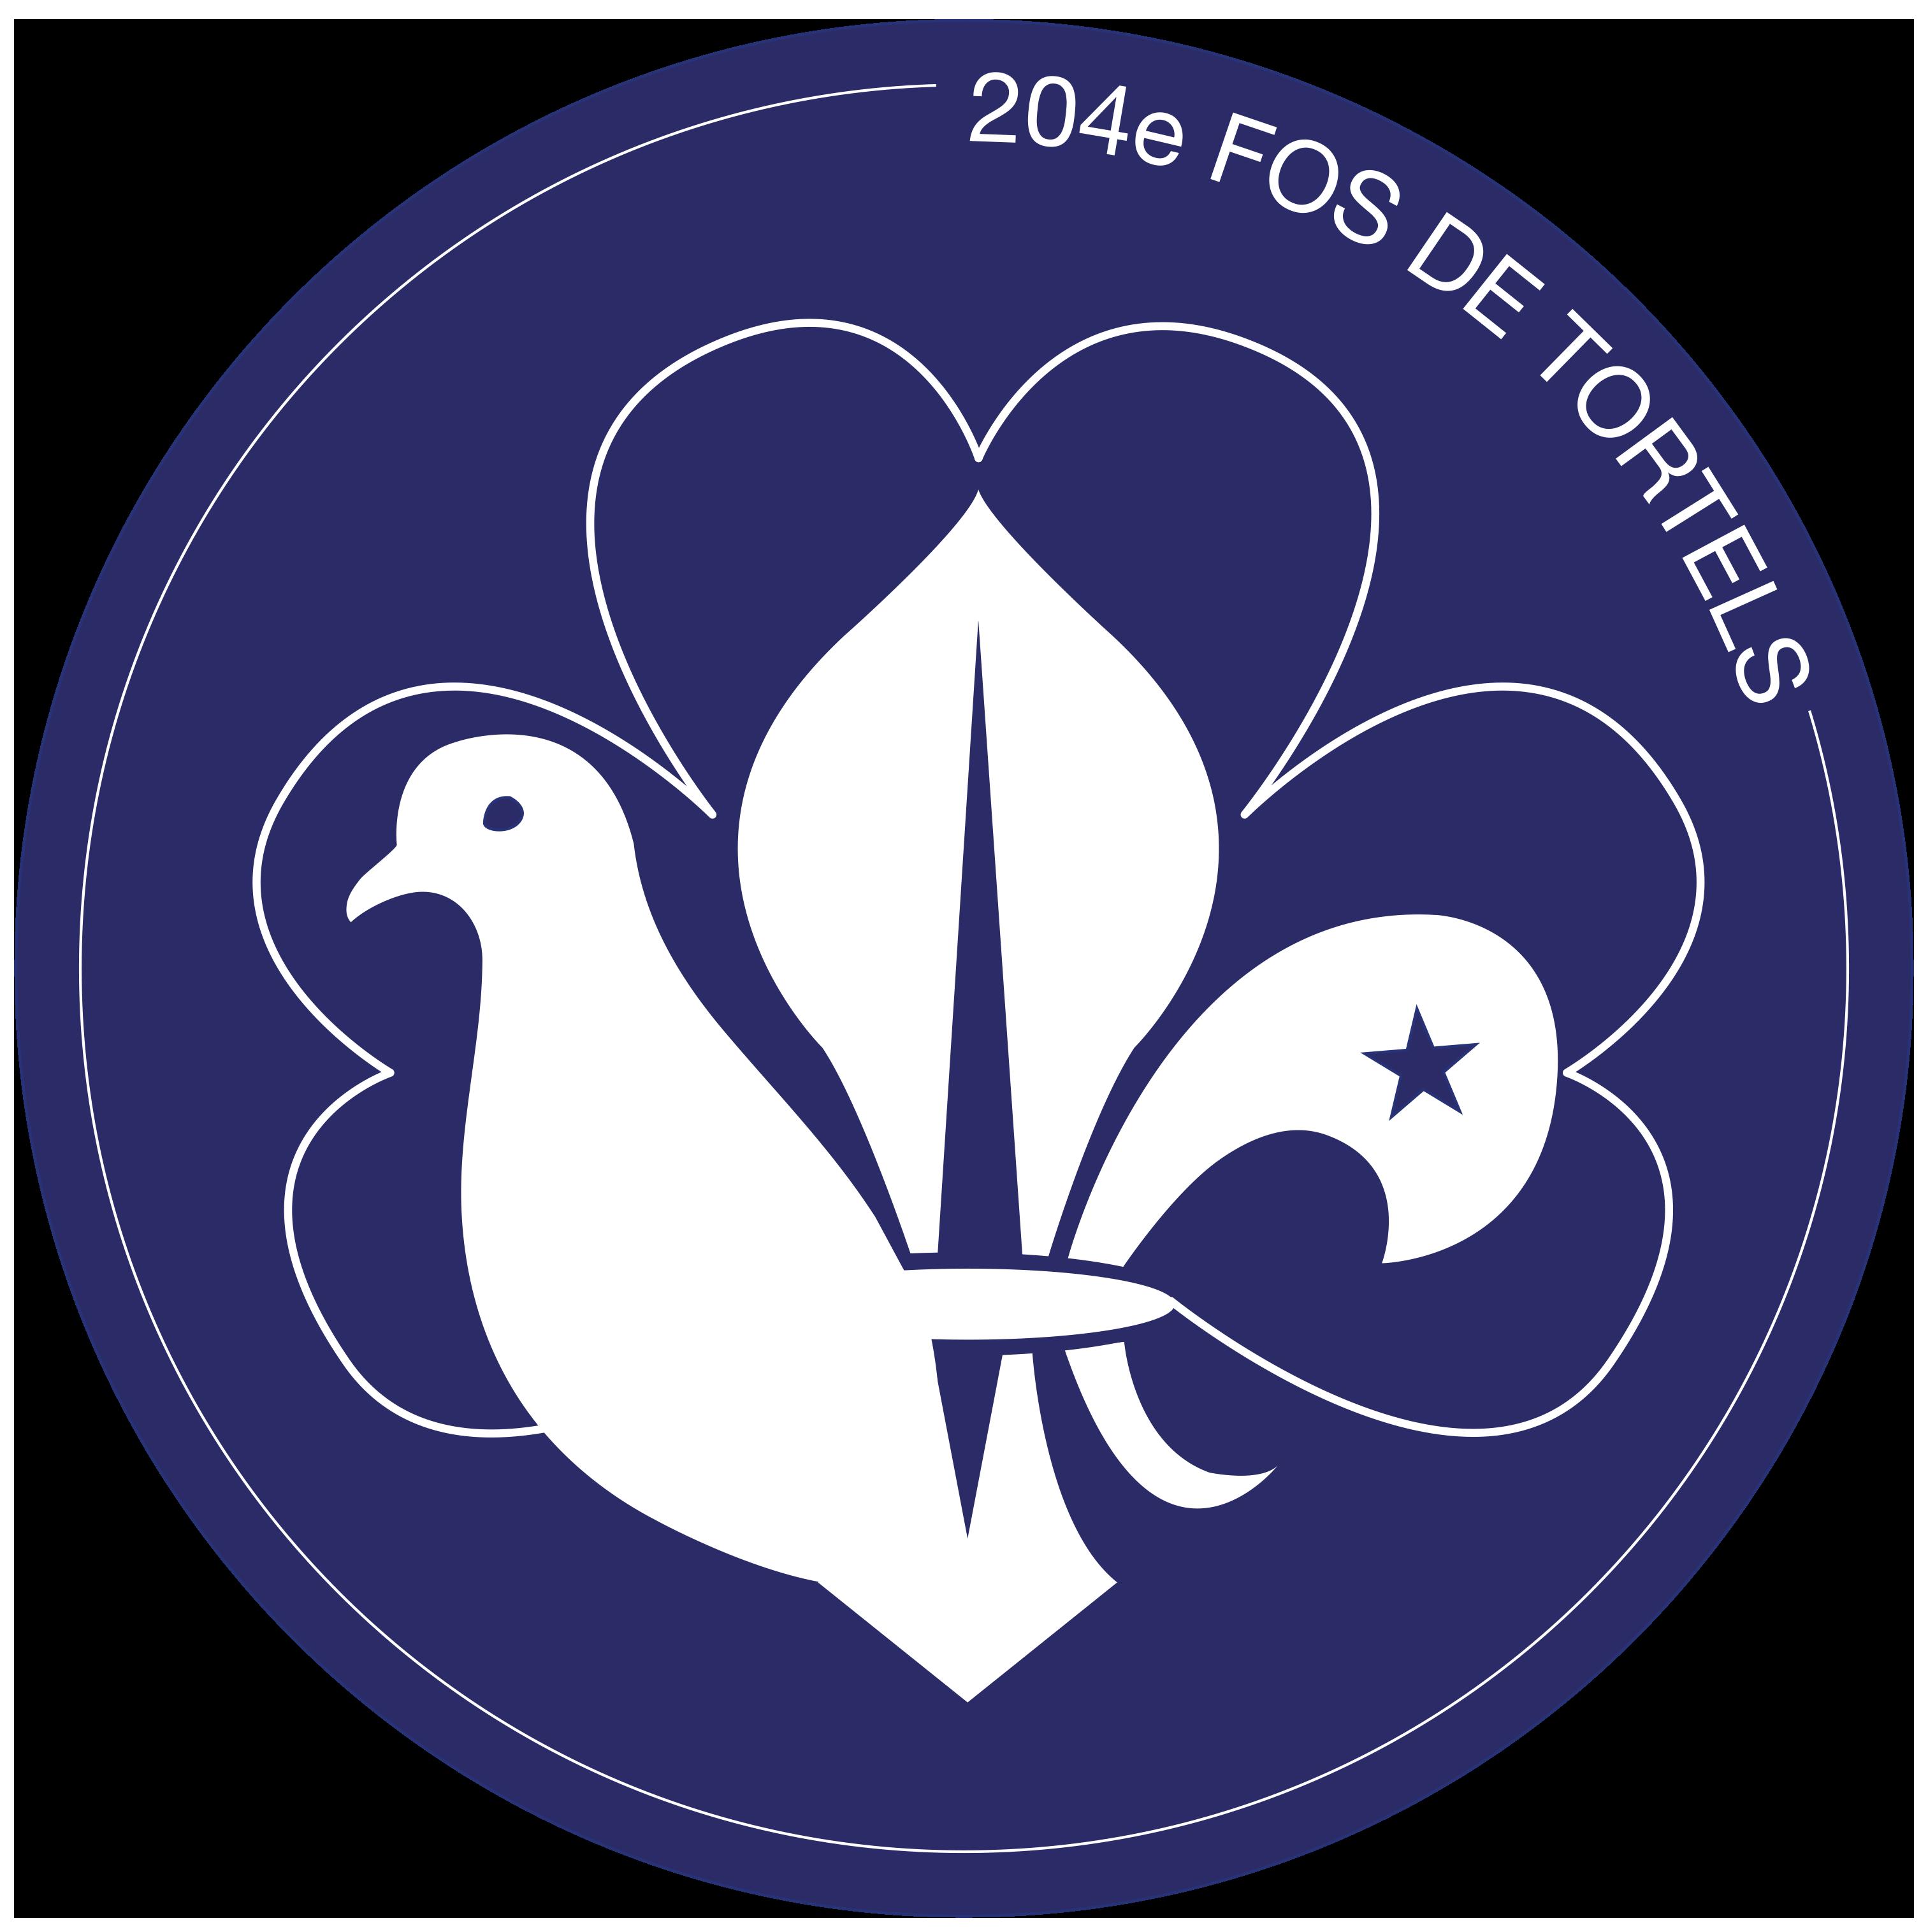 204 FOS De Tortels